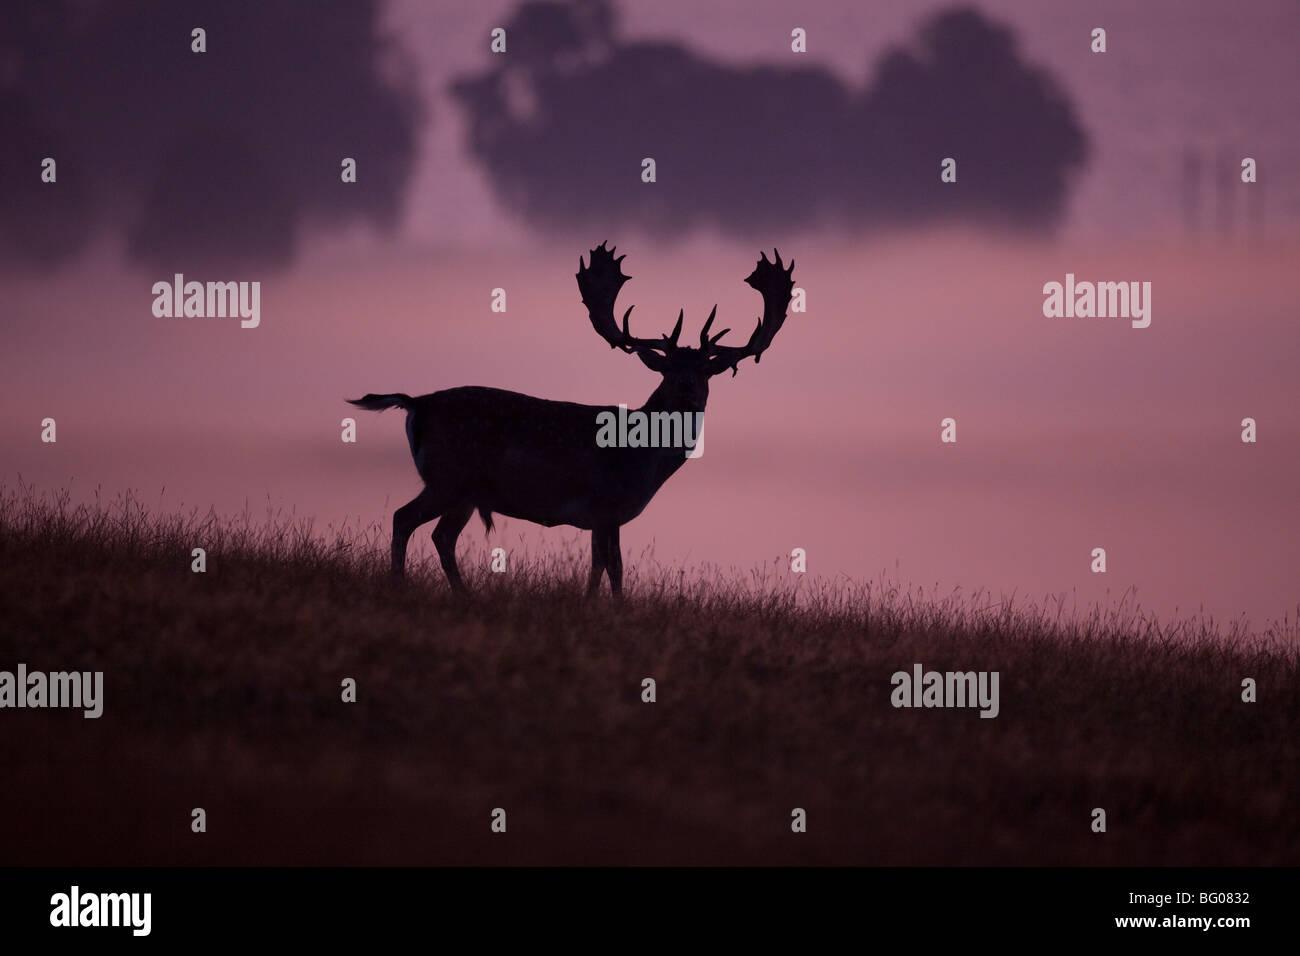 Daini (Dama Dama), feste di addio al celibato contro un sfondo nebbioso. Immagini Stock